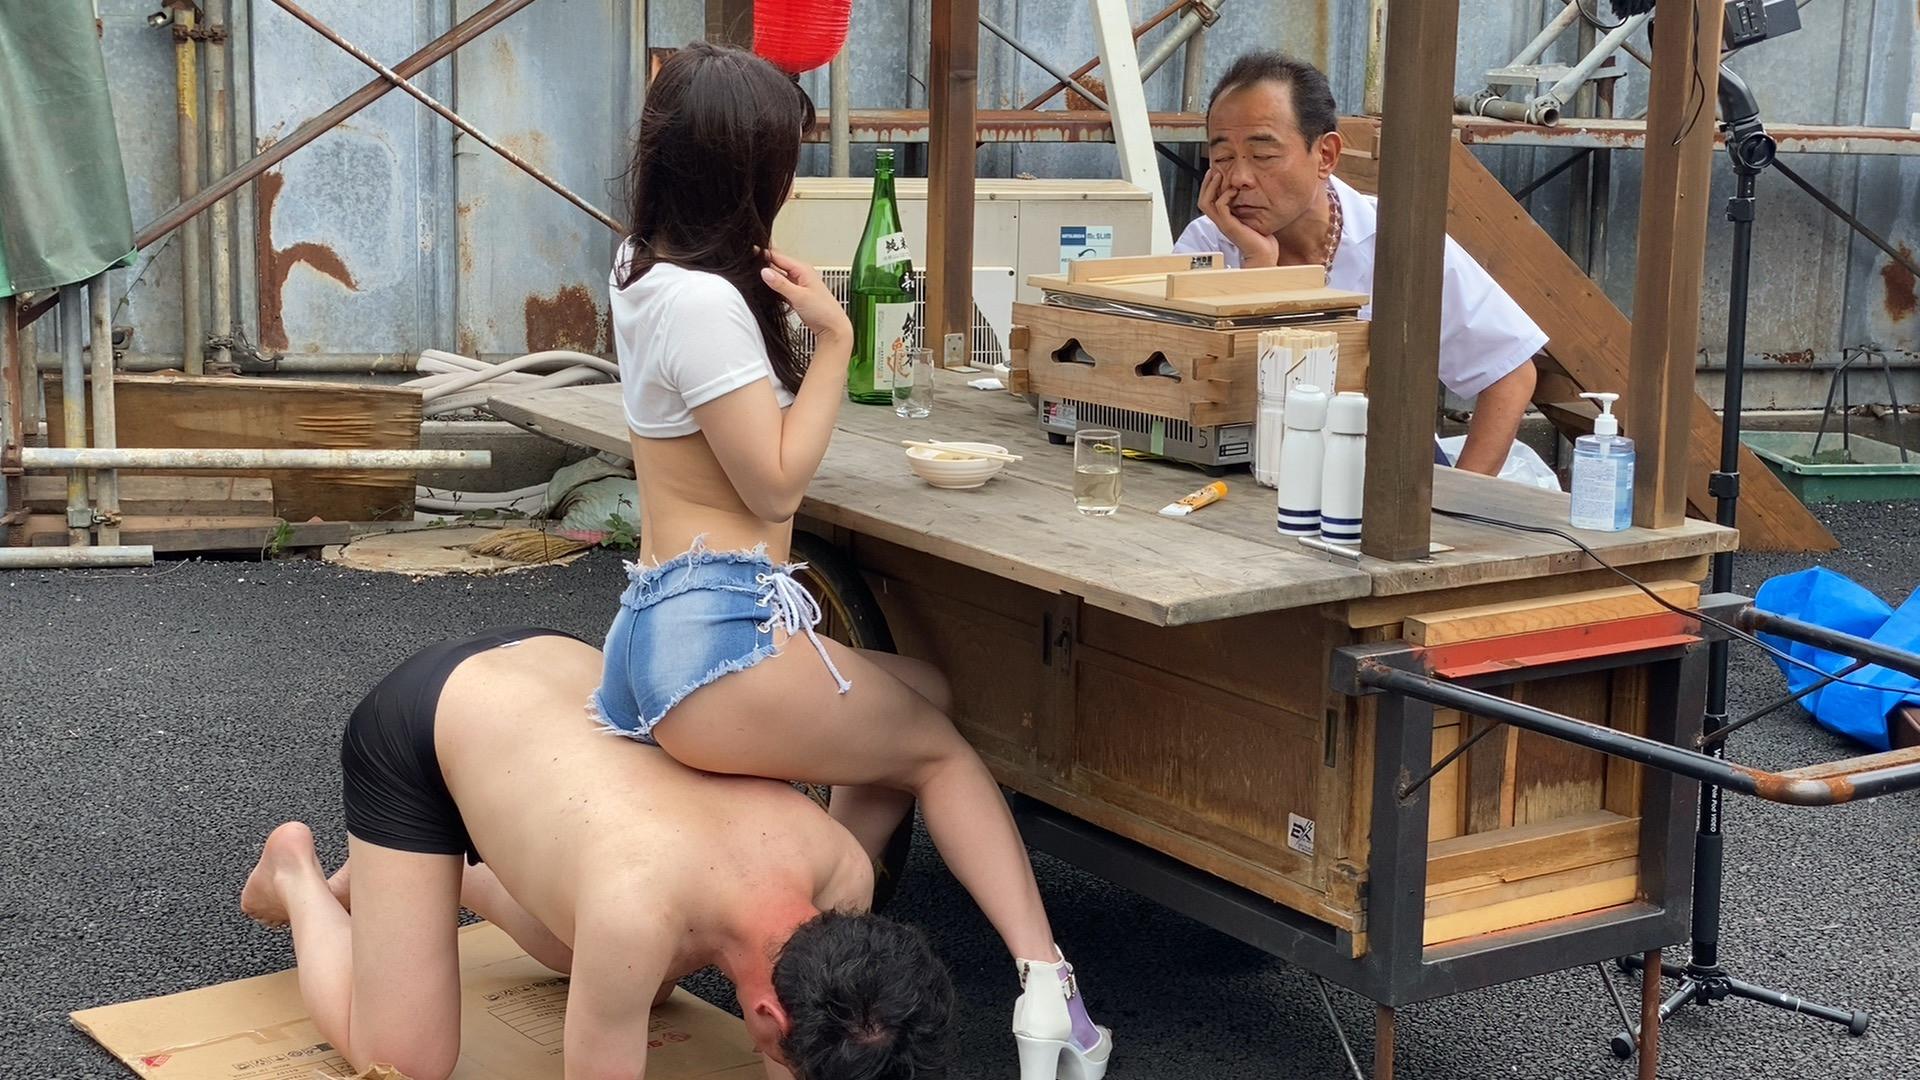 スーパードキュメント屋台ファック~おでん屋編~ 斎藤まりな